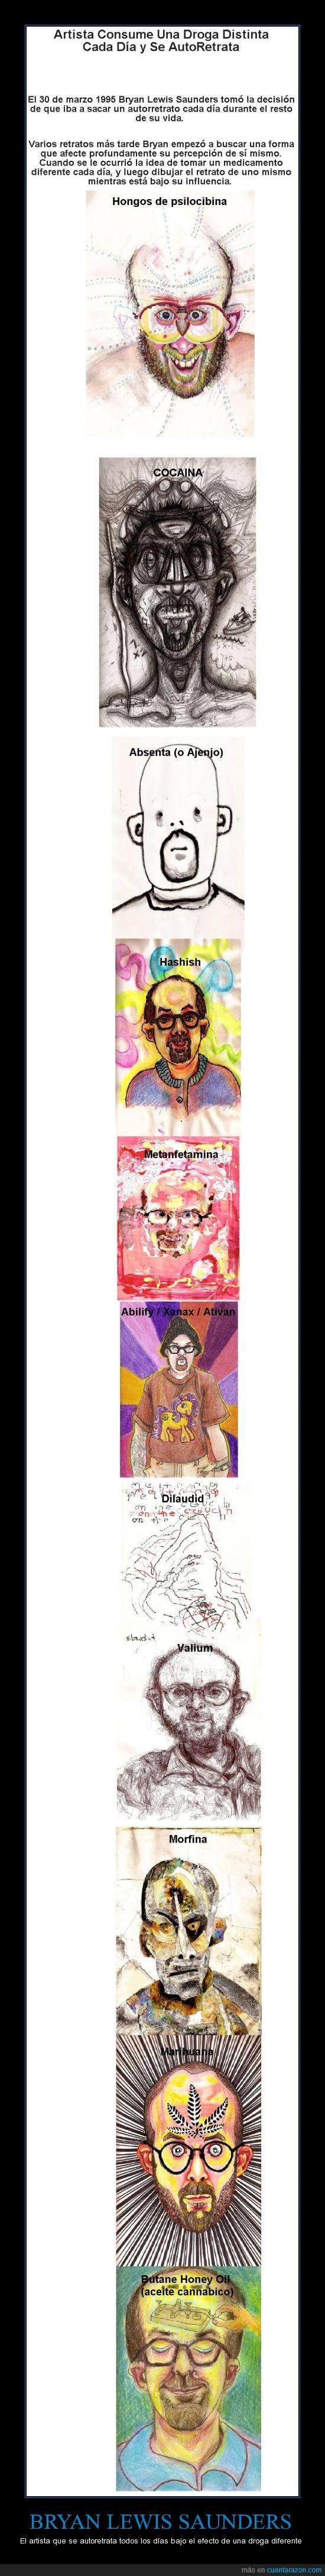 artistas,autoretrato,droga,efectos.,increible,pintura